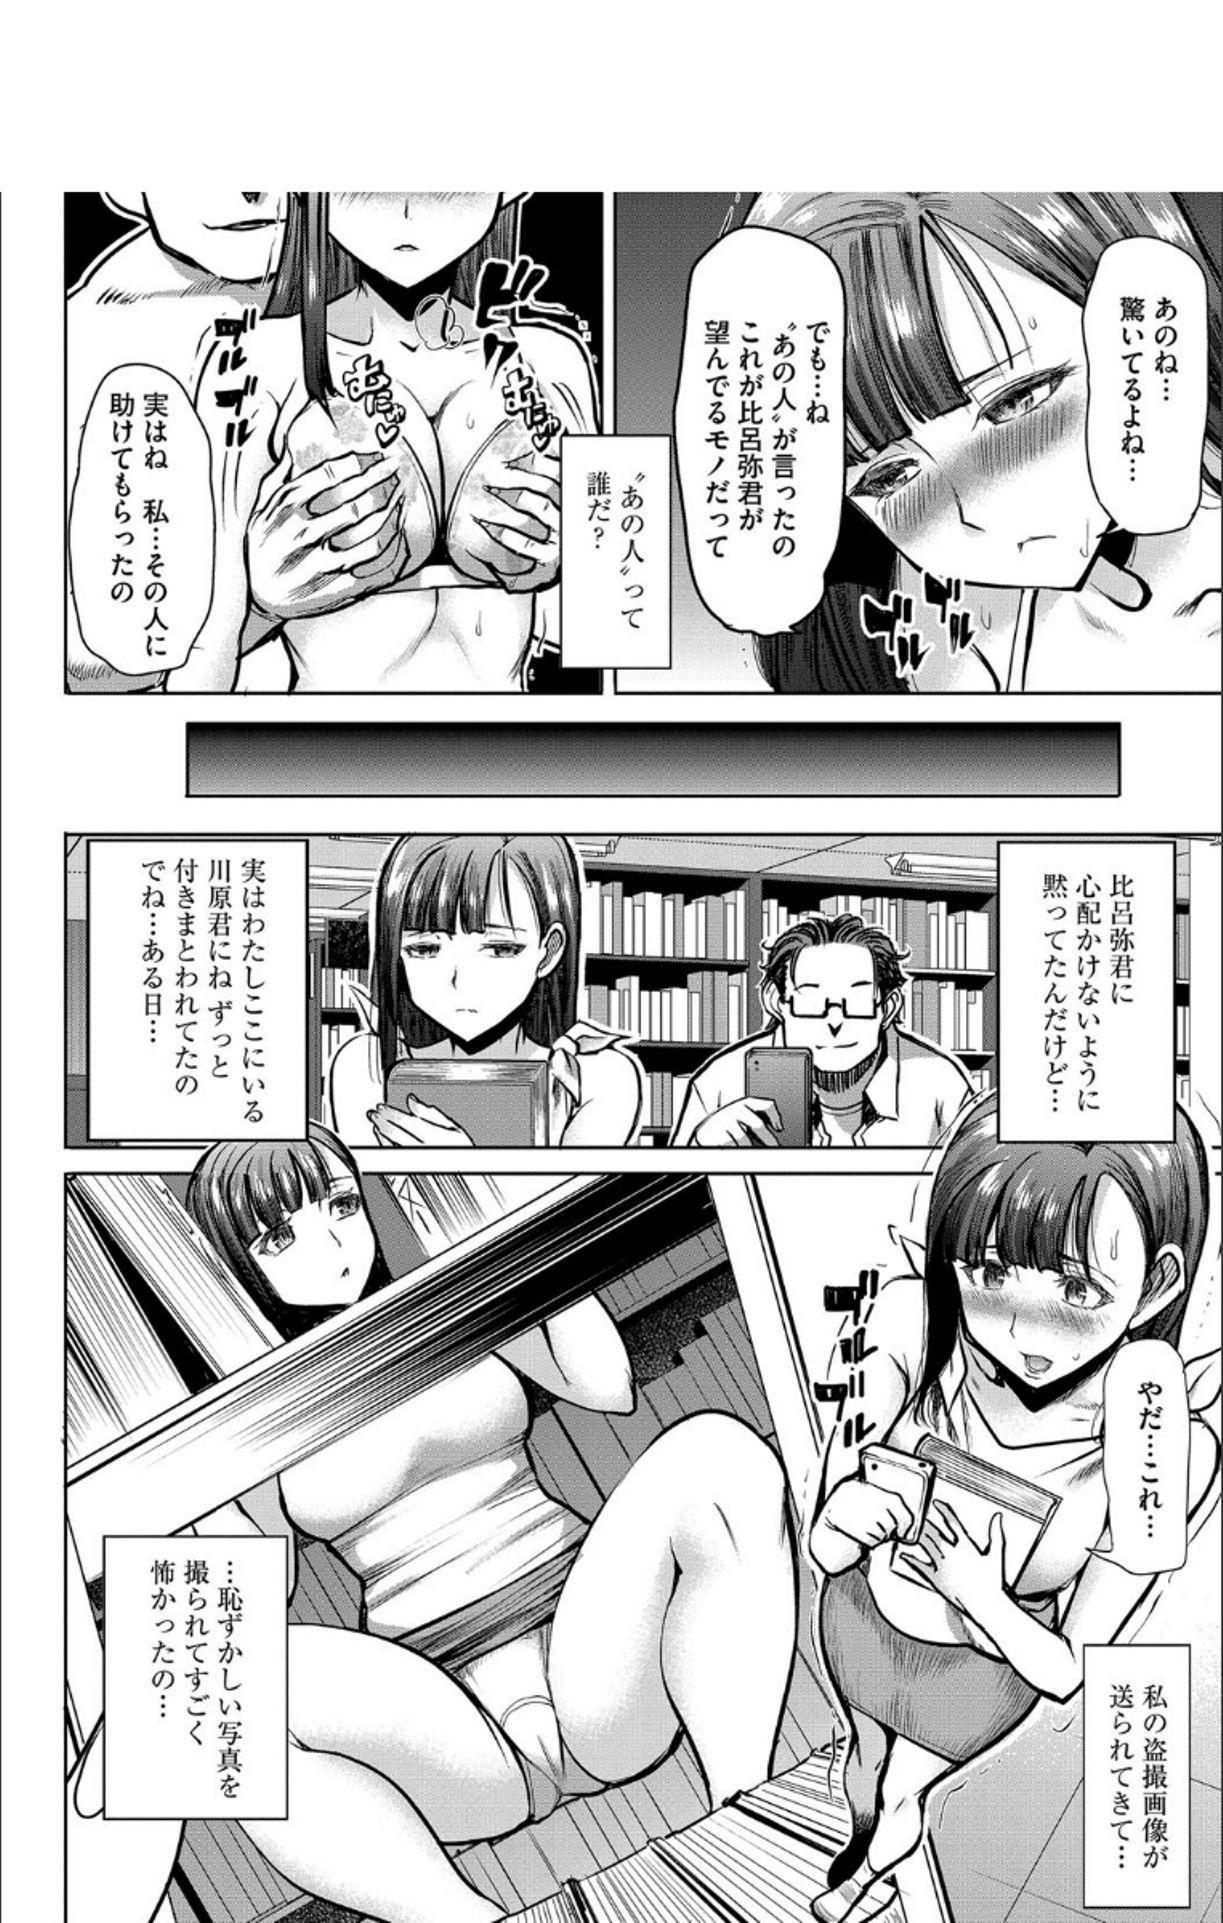 Boku no Kazoku o Sarashimasu + DMM Gentei Tokuten Paper 188